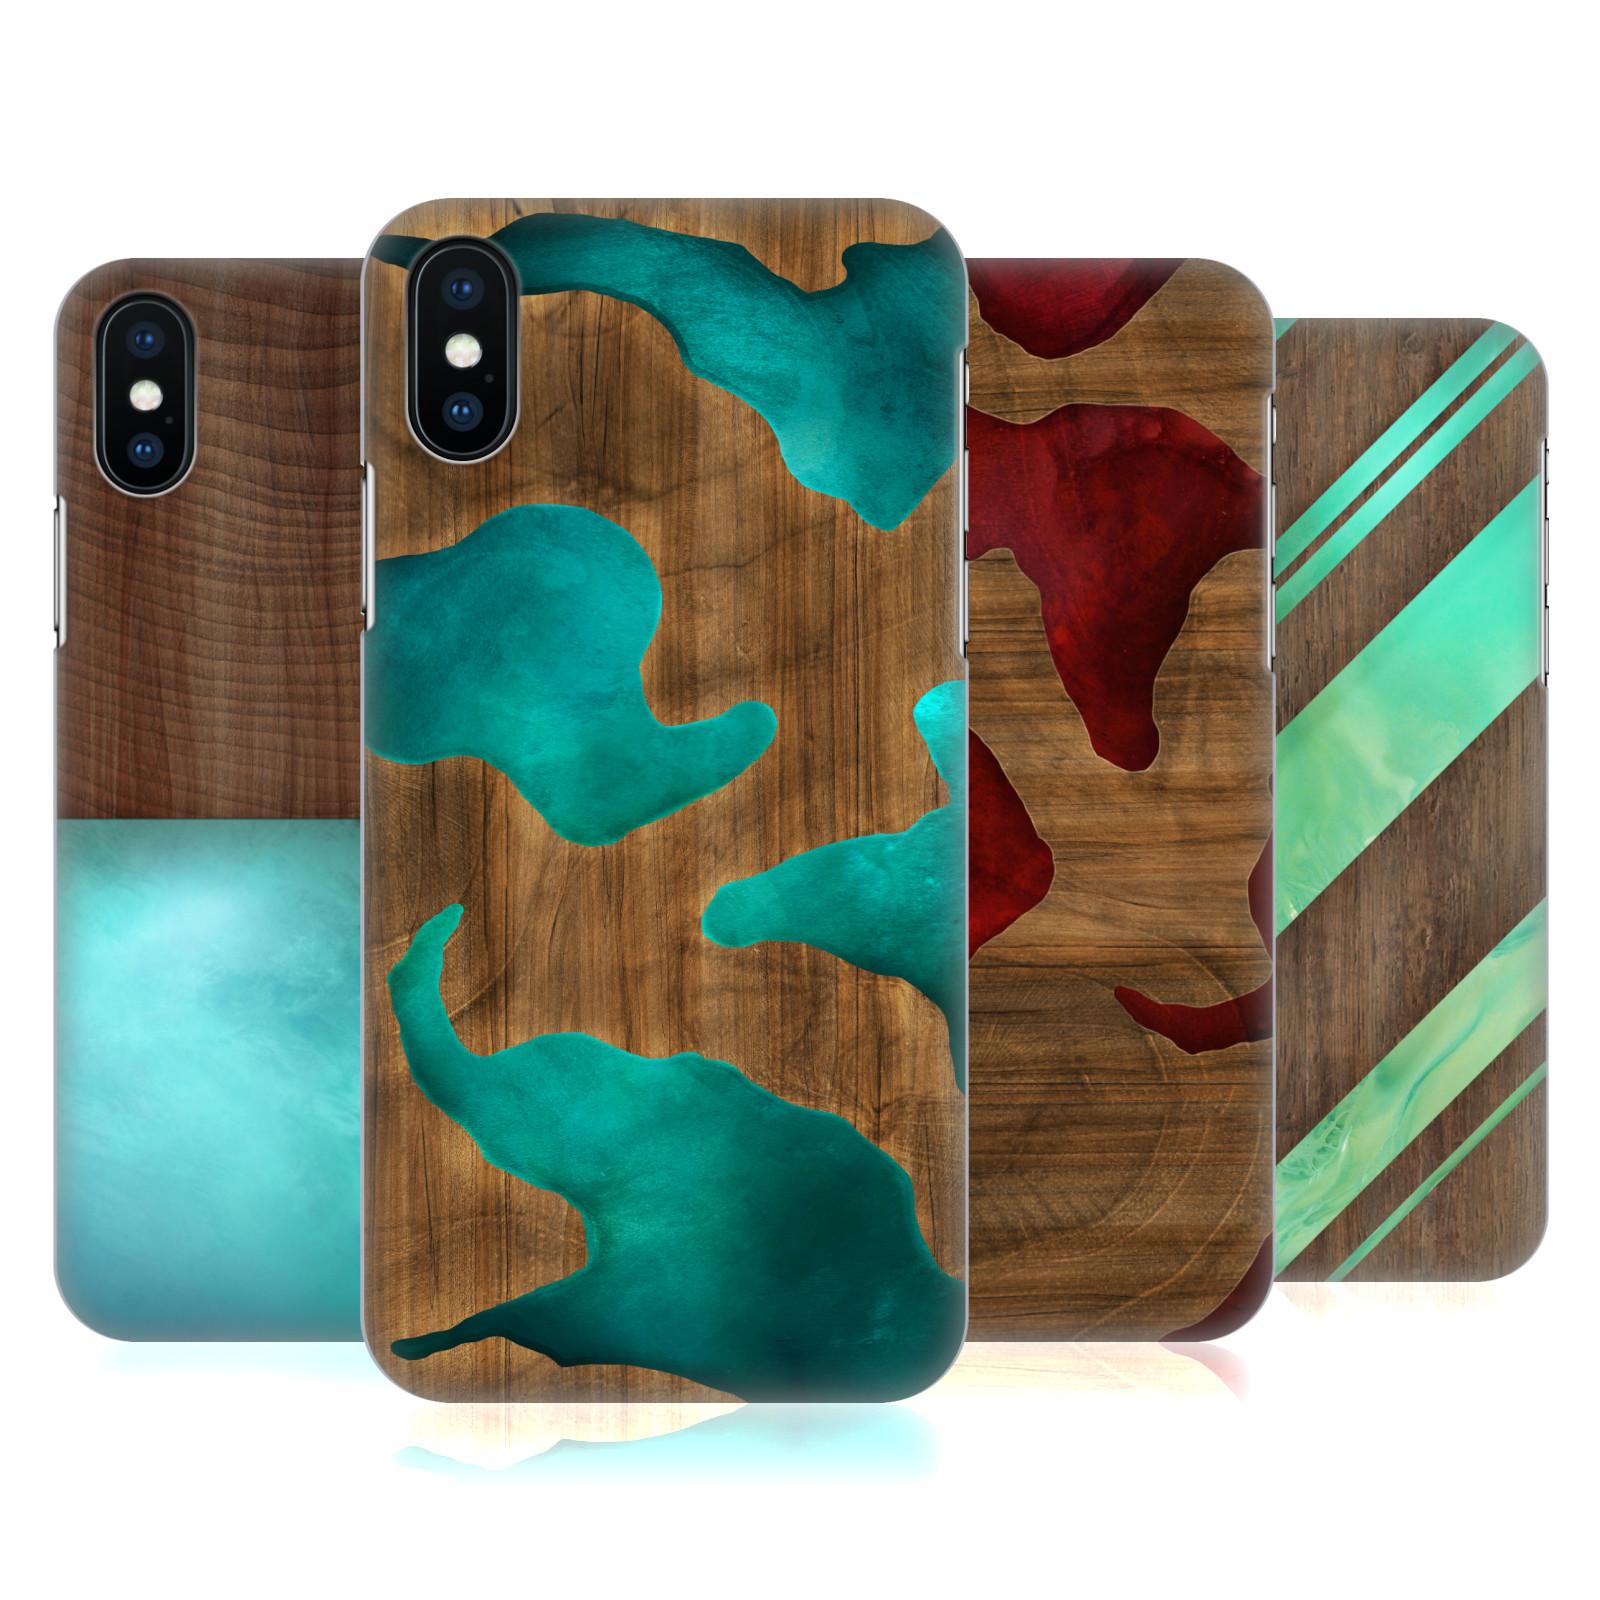 Alyn Spiller Wood & Resin